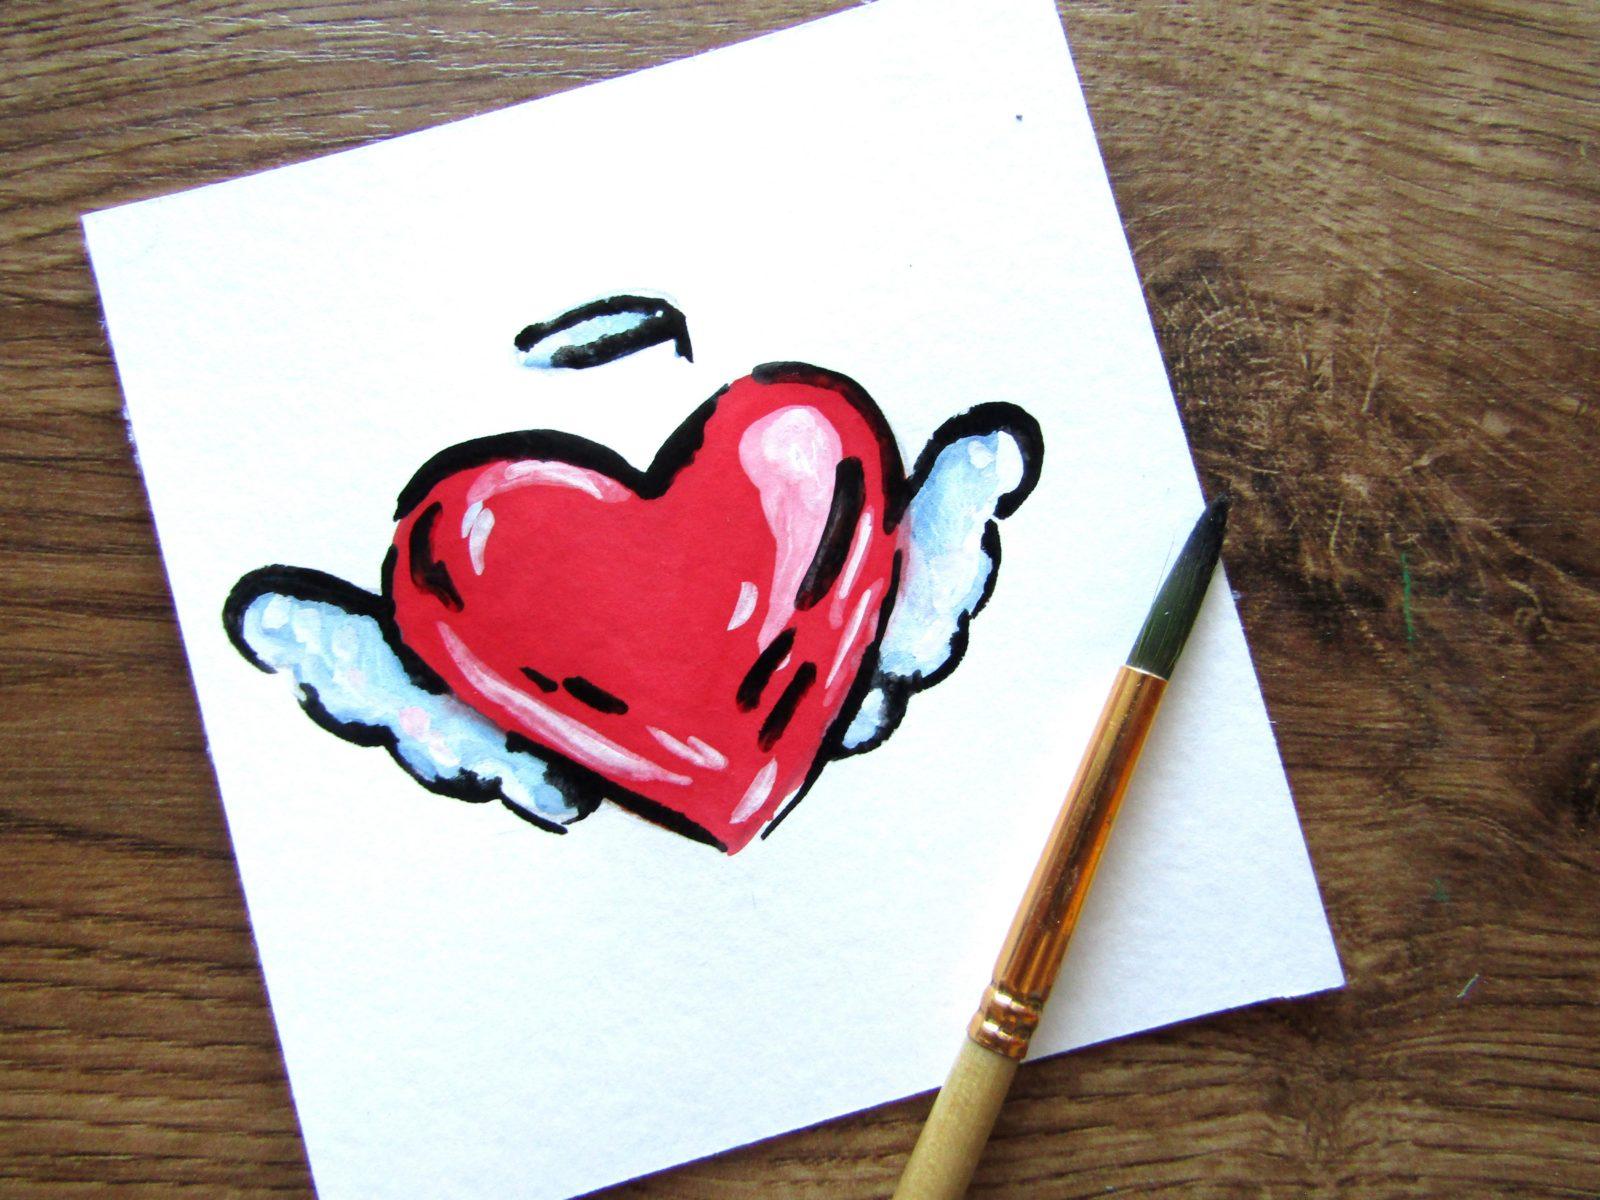 Как нарисовать сердечко гуашью - 10